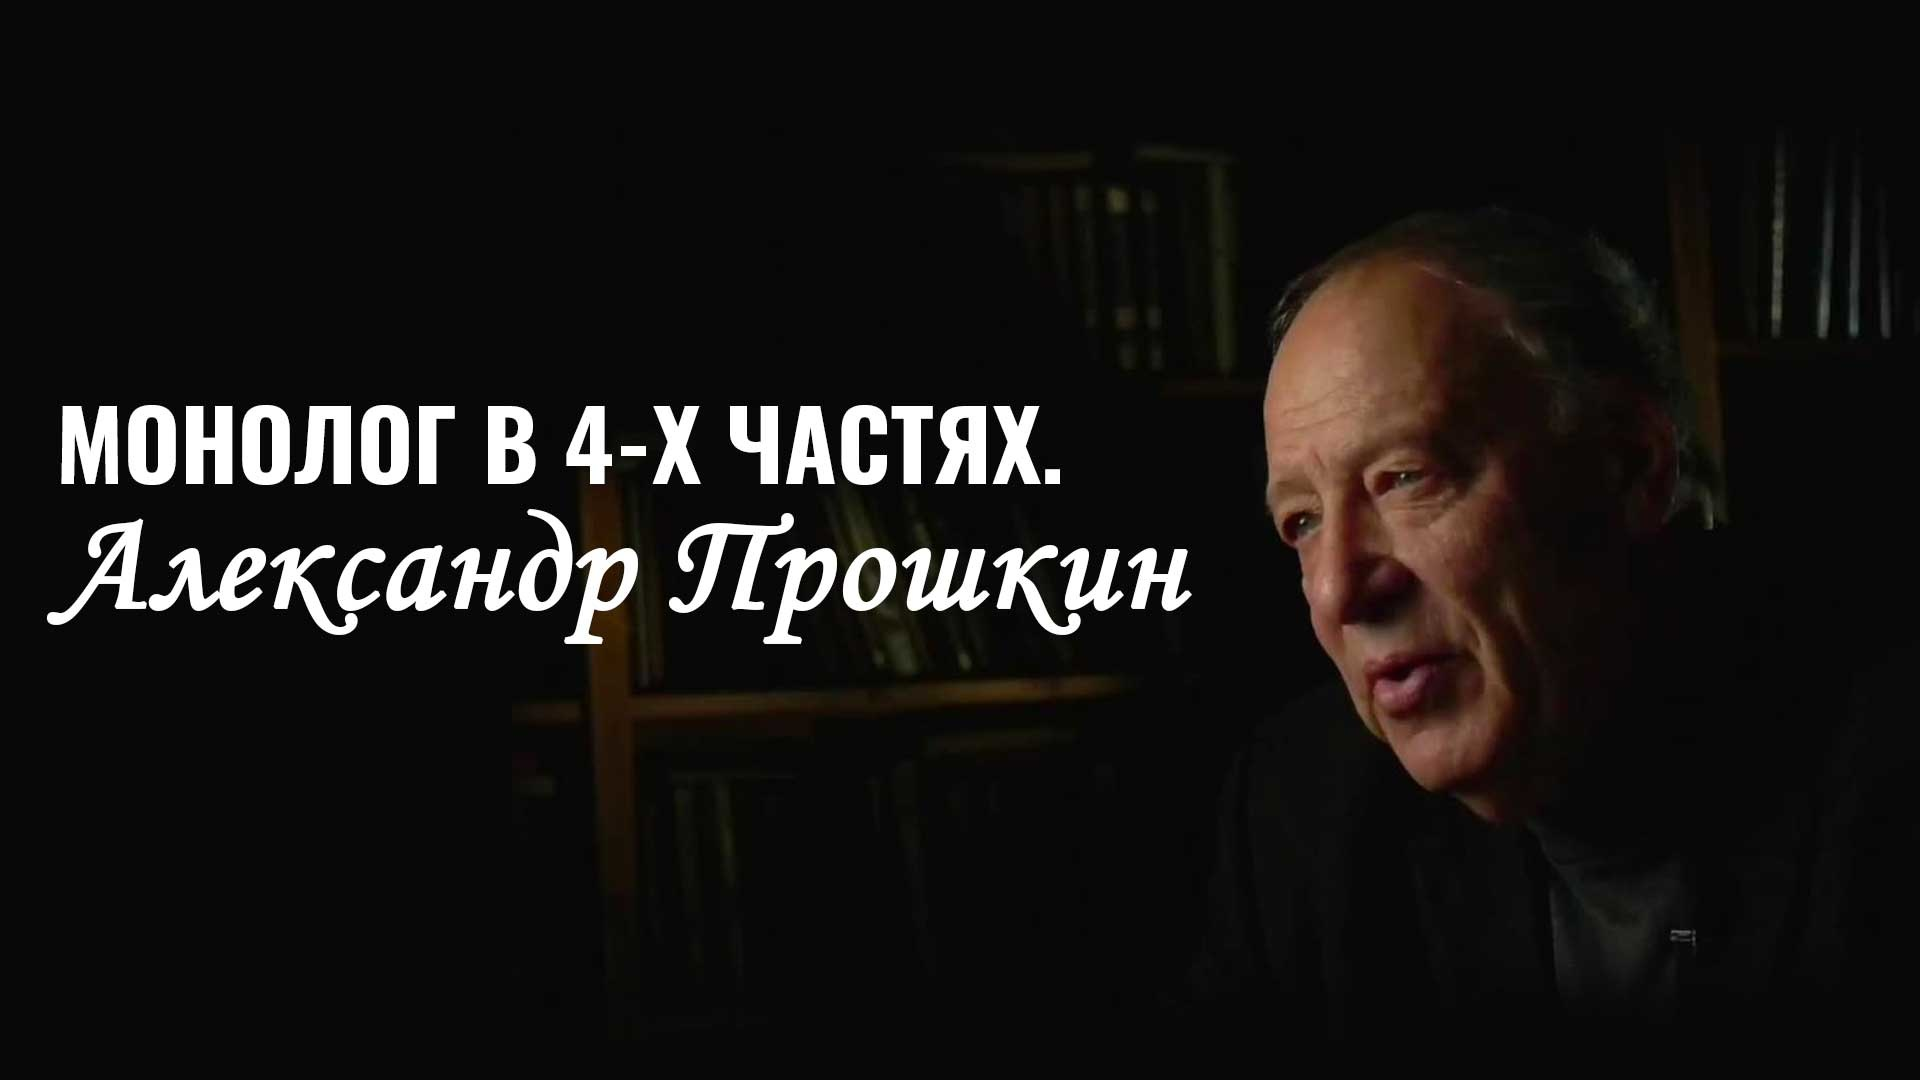 Монолог в 4-х частях. Александр Прошкин